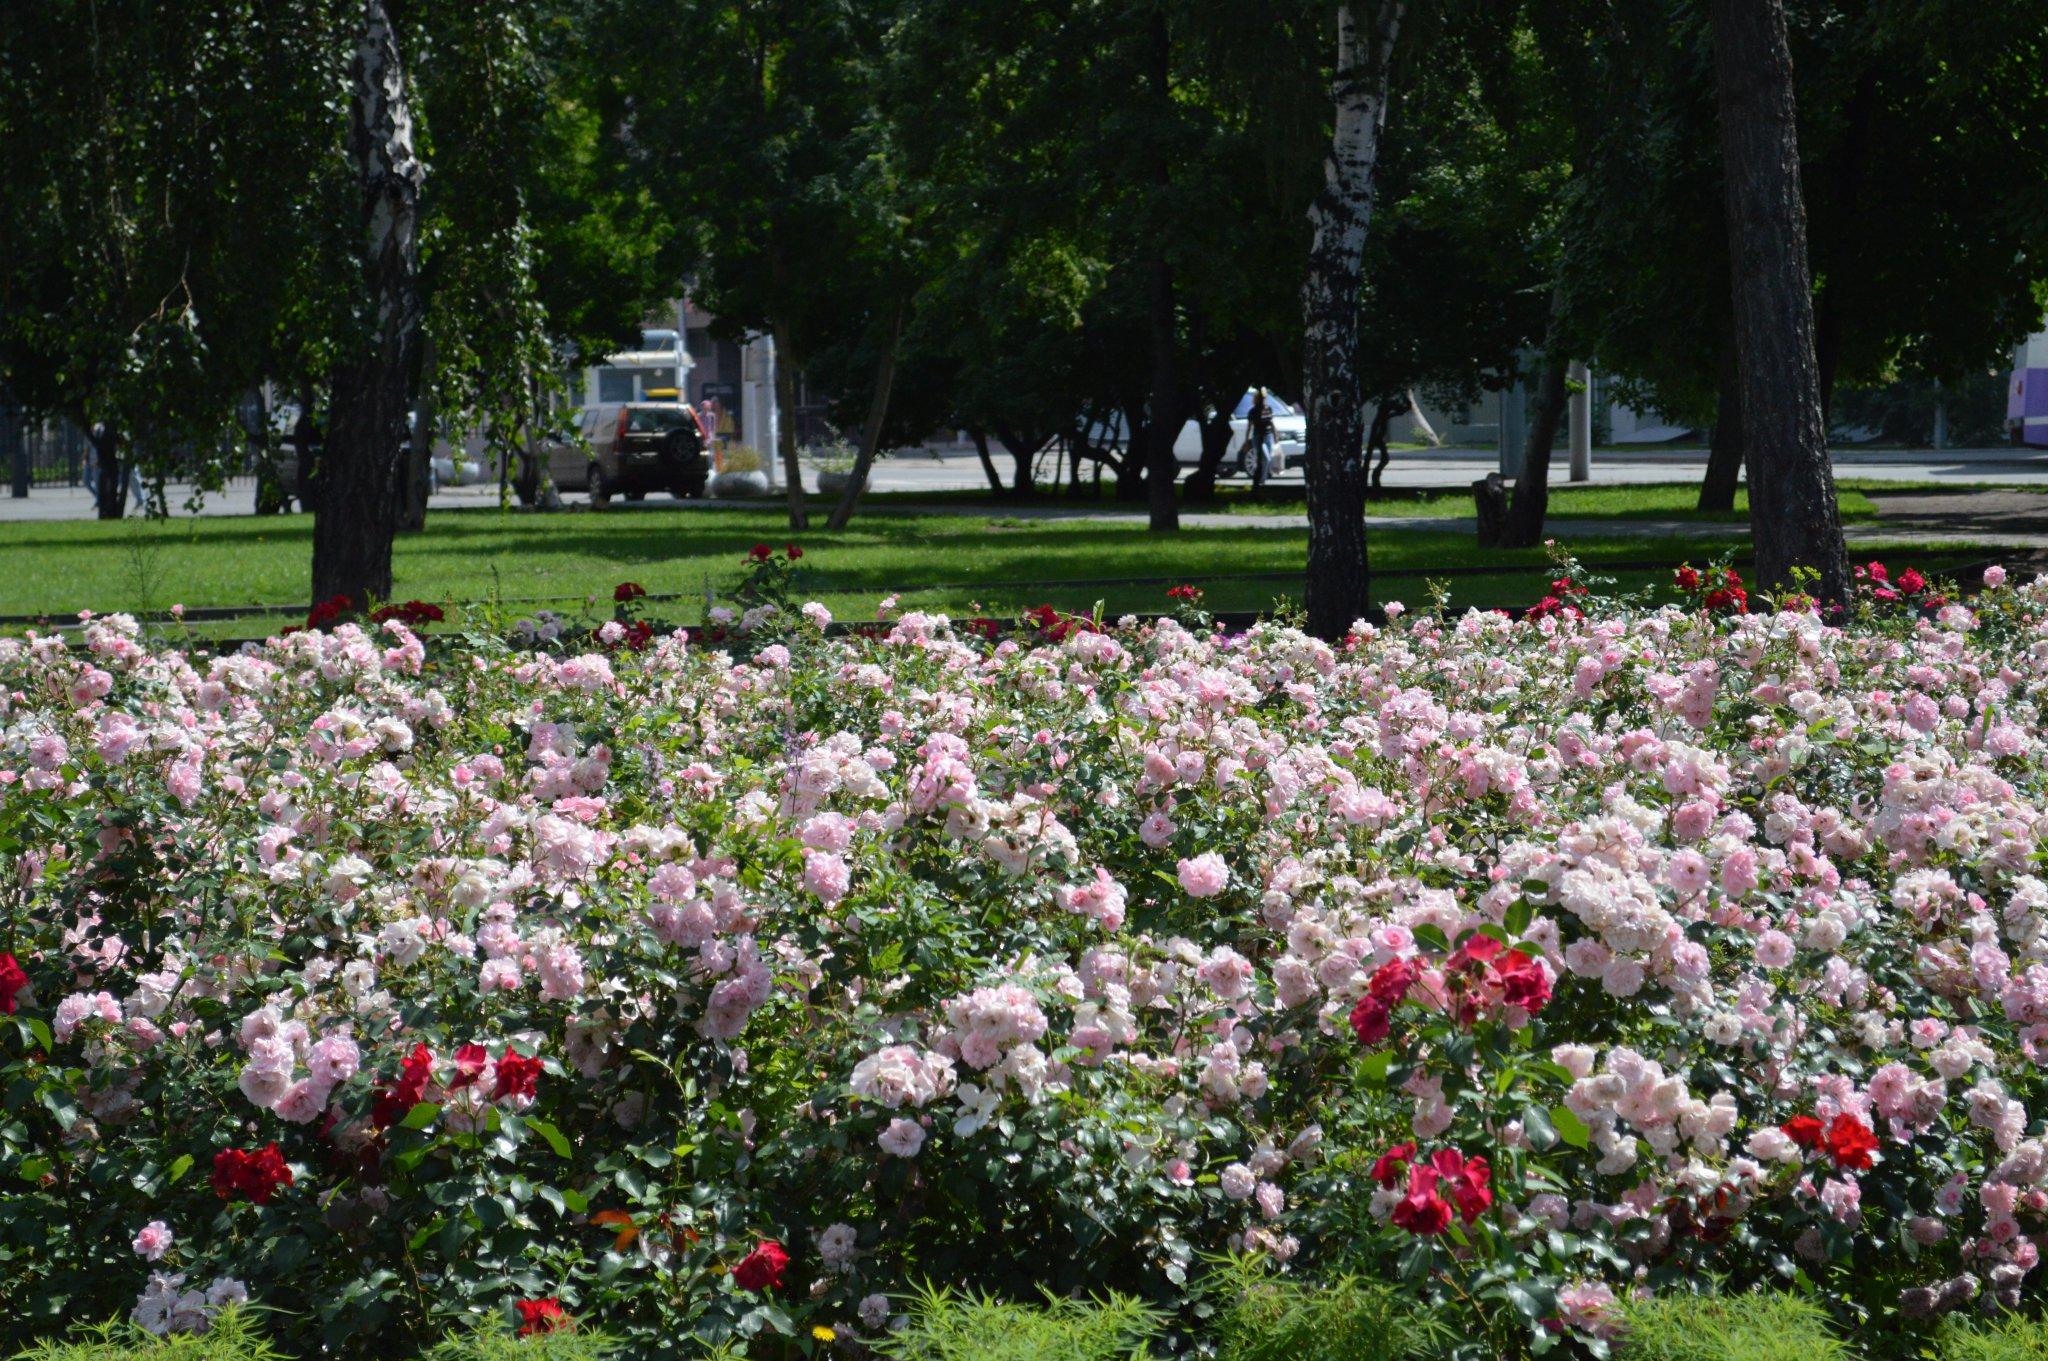 Летом 2015 года в Кирово-Чепецке высадят десятки тысяч цветов в виде надписей и фигур